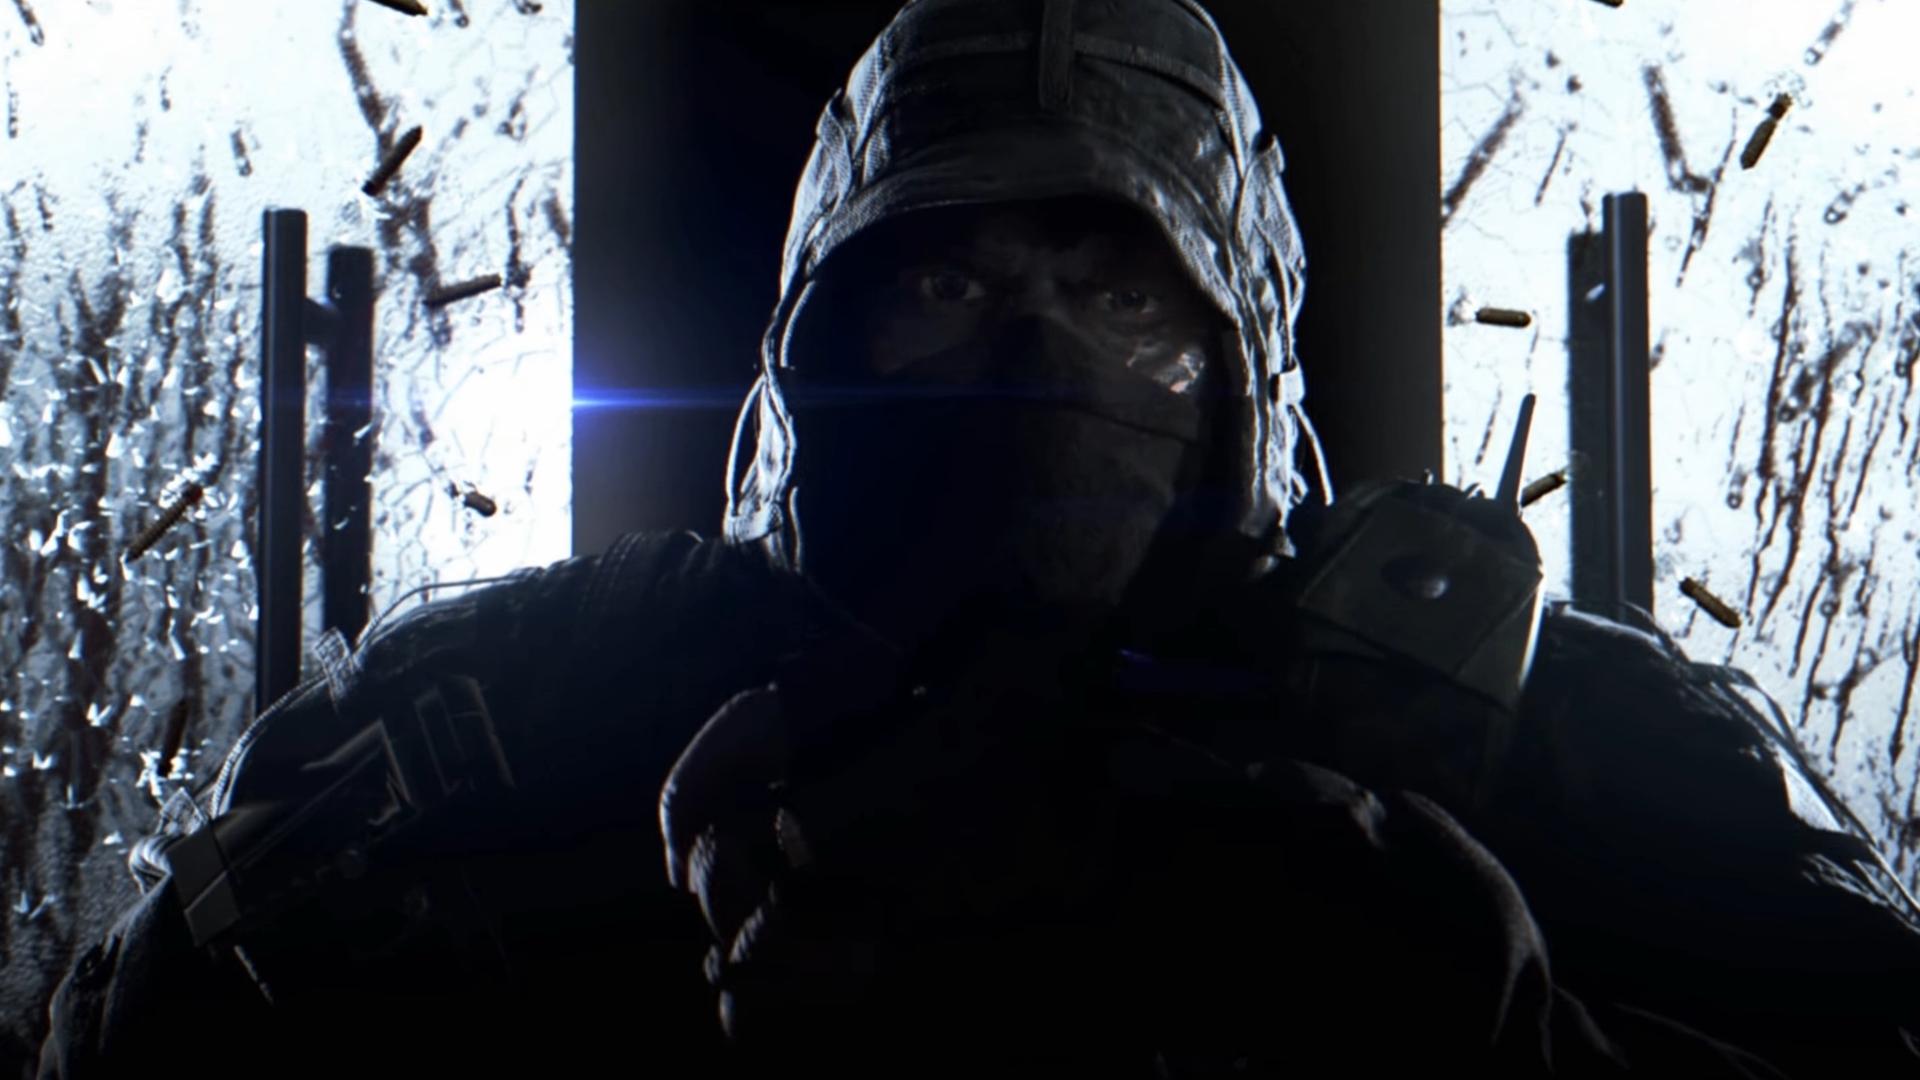 Слух: до конца года в Rainbow Six Siege добавят ещё одного защитника с ловушками